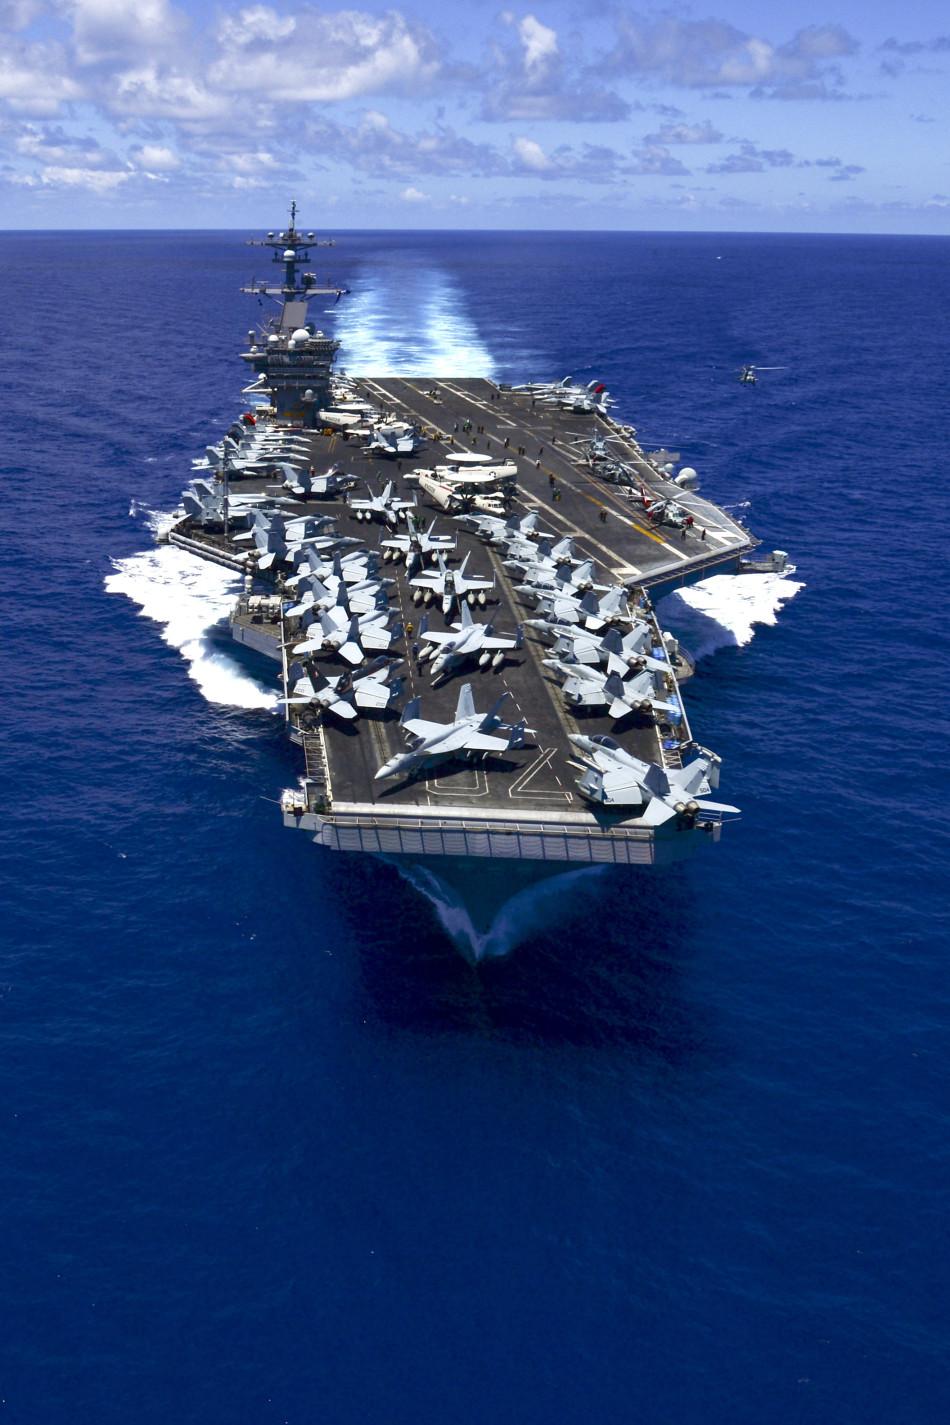 美媒称中国海军不够强 只能靠水雷导弹威胁美军战友